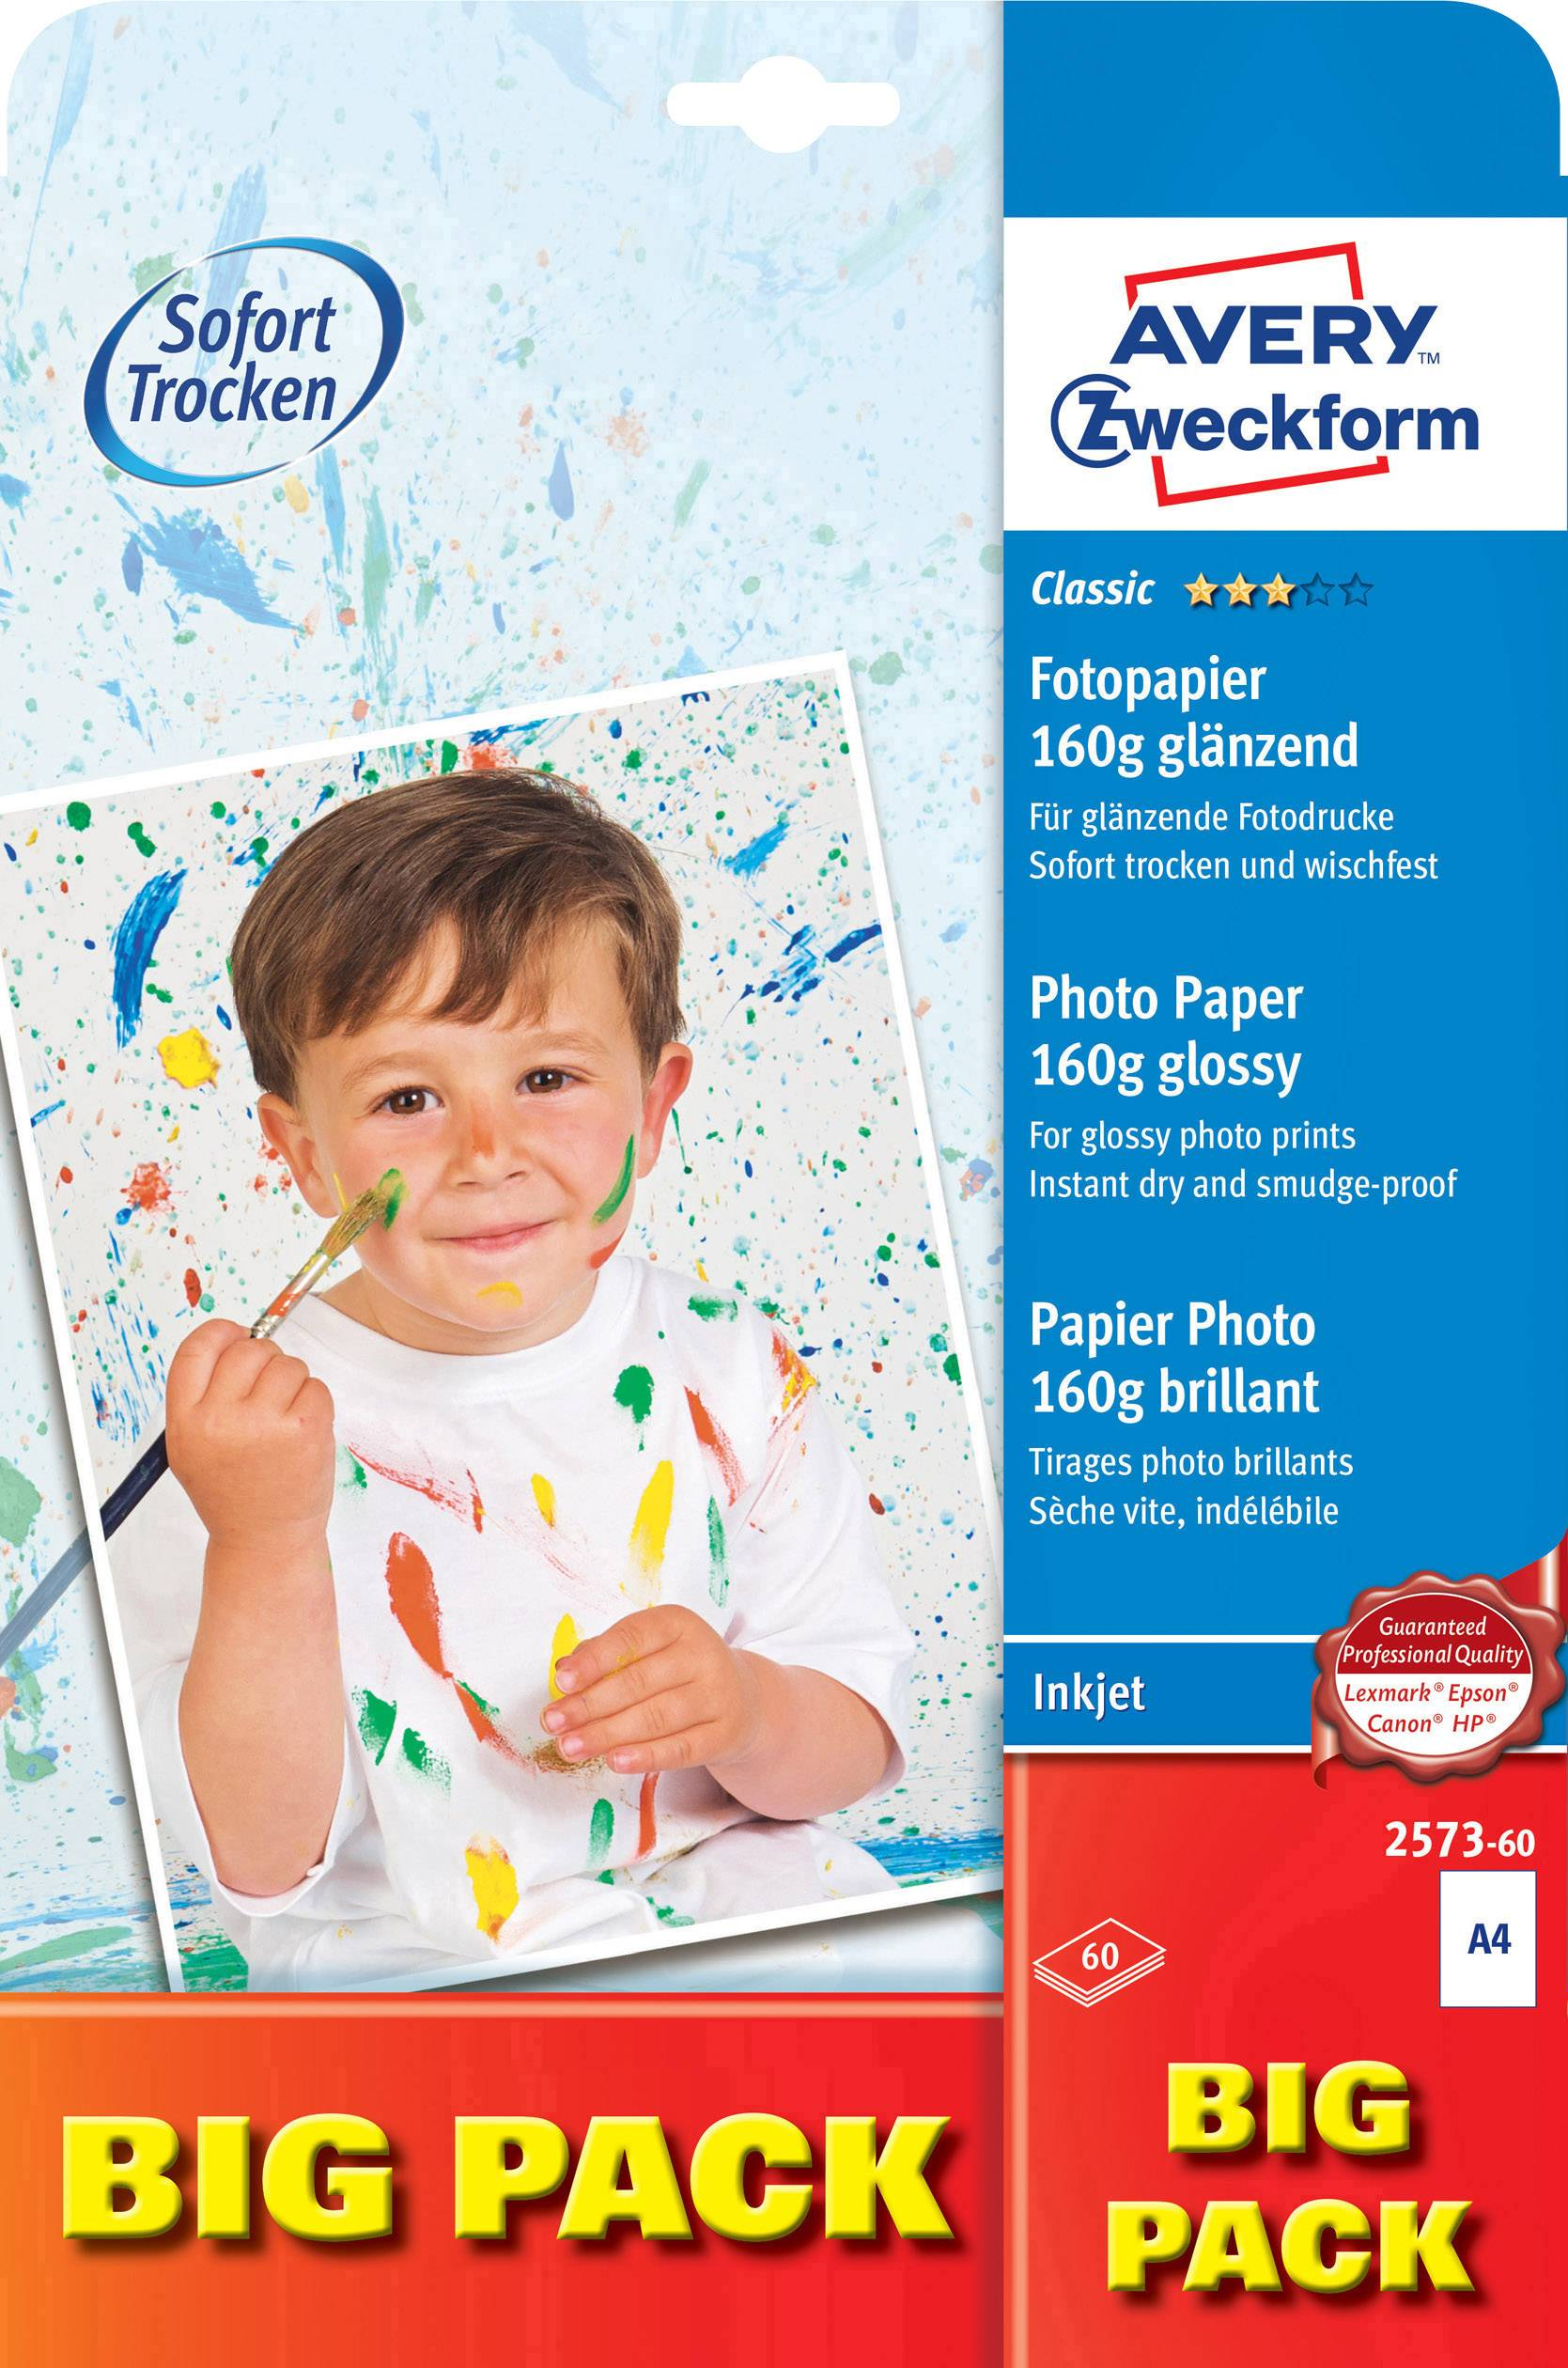 Fotopapír Avery-Zweckform Classic Inkjet 2573-60, DIN A4, 160 g/m², 60 listů